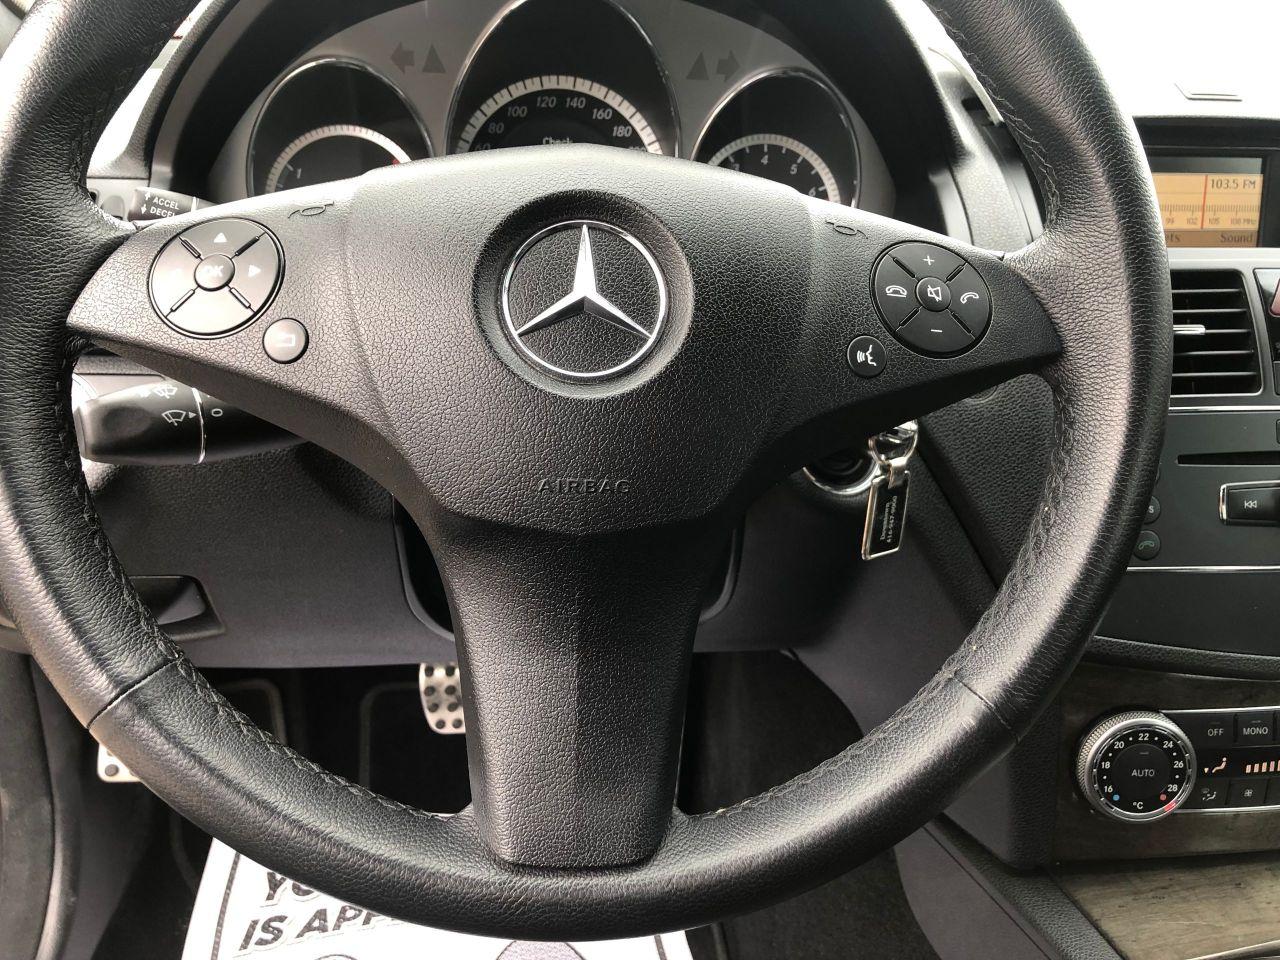 2009 Mercedes-Benz C230